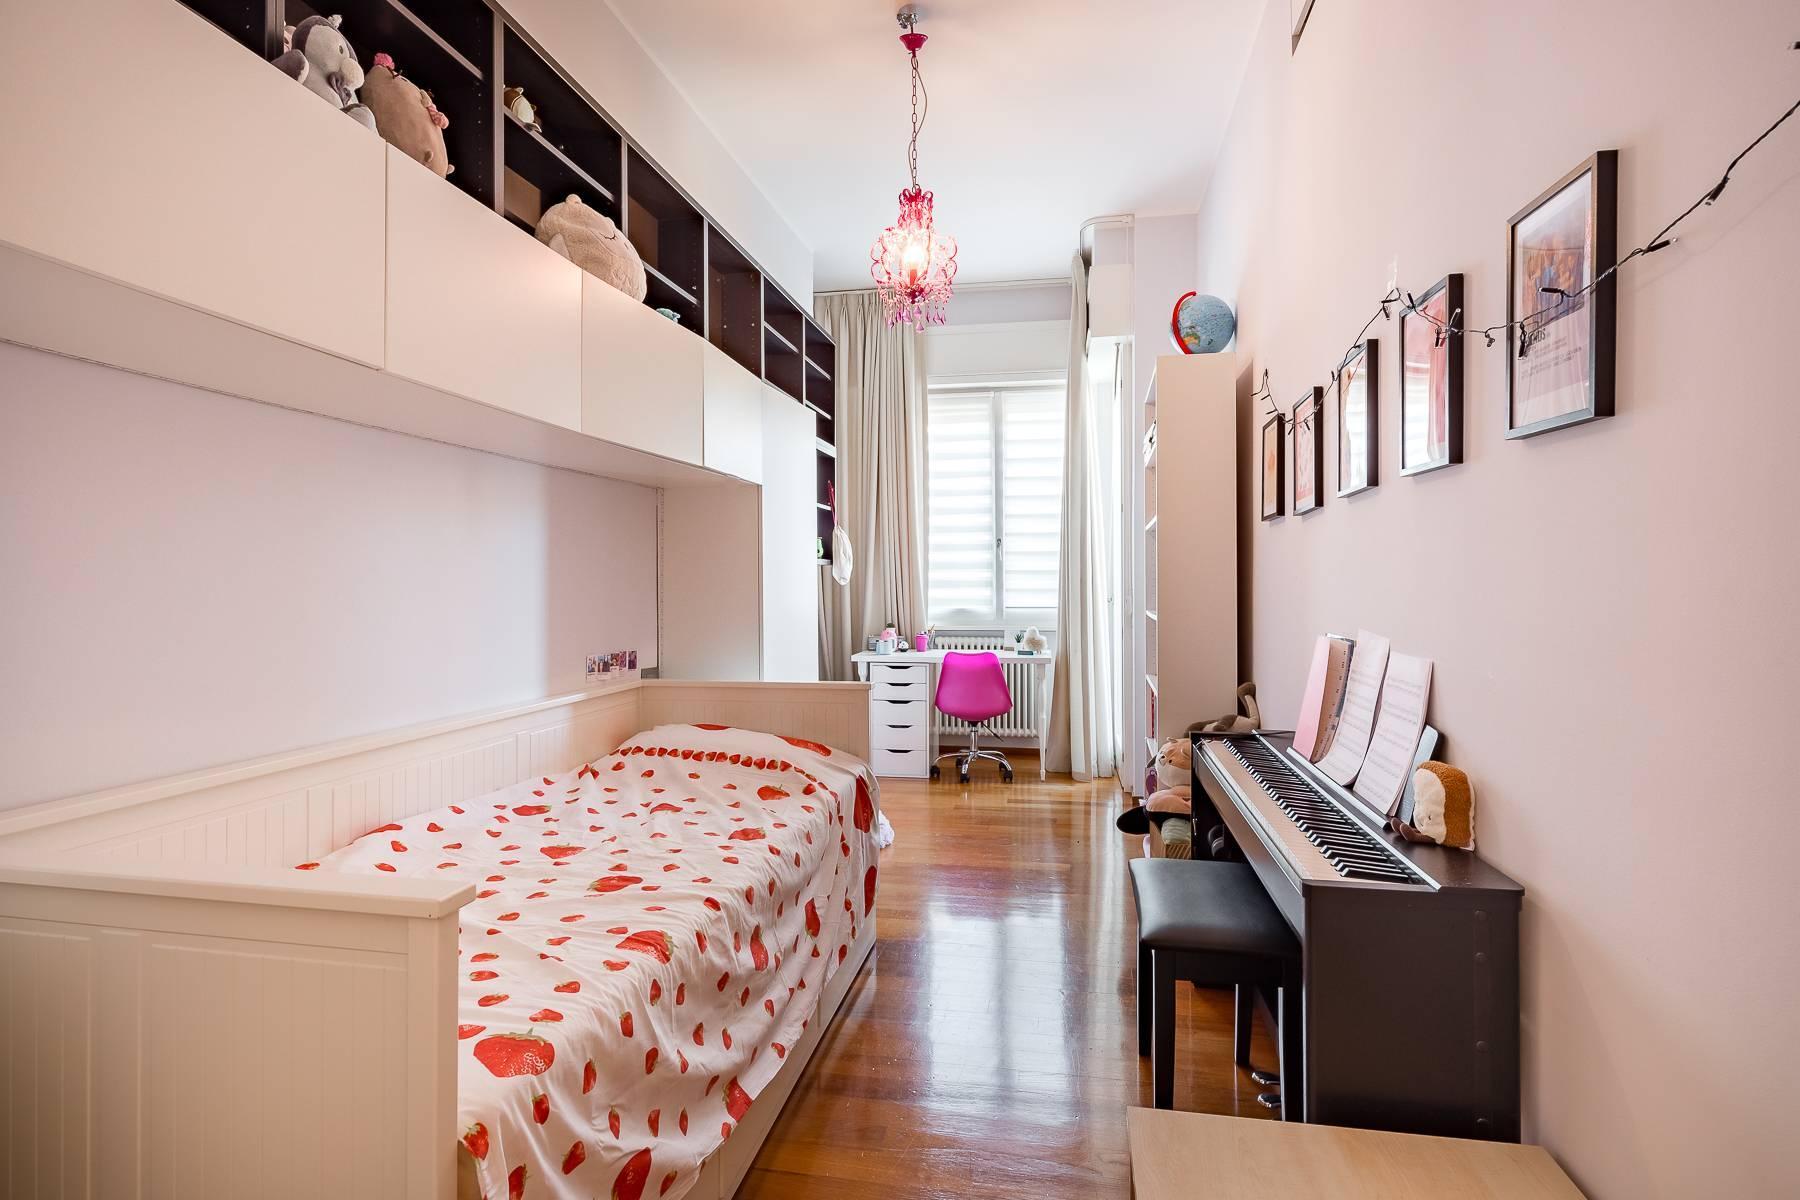 Renovierte Wohnung im Stadtviertel Ticinese/Darsena - 15